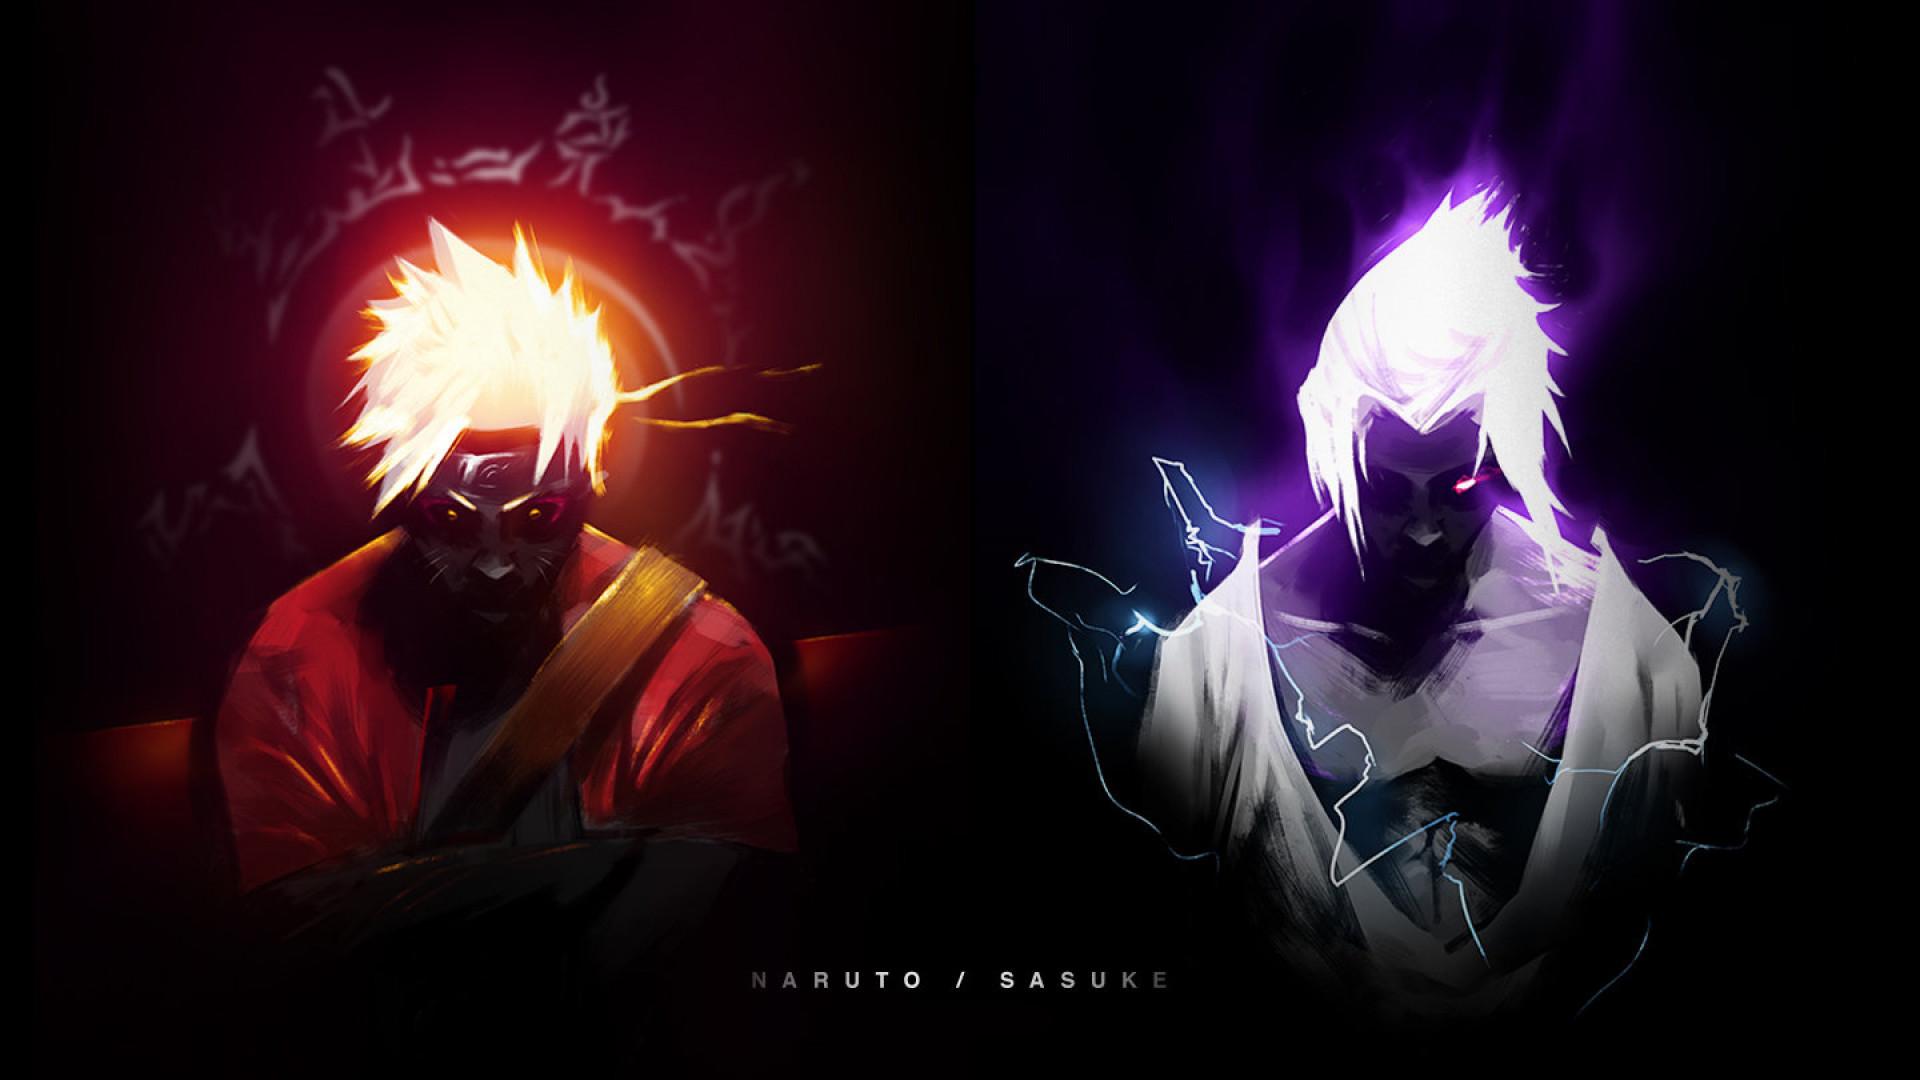 HD Wallpaper Naruto Sage Mode and Sasuke Chidori